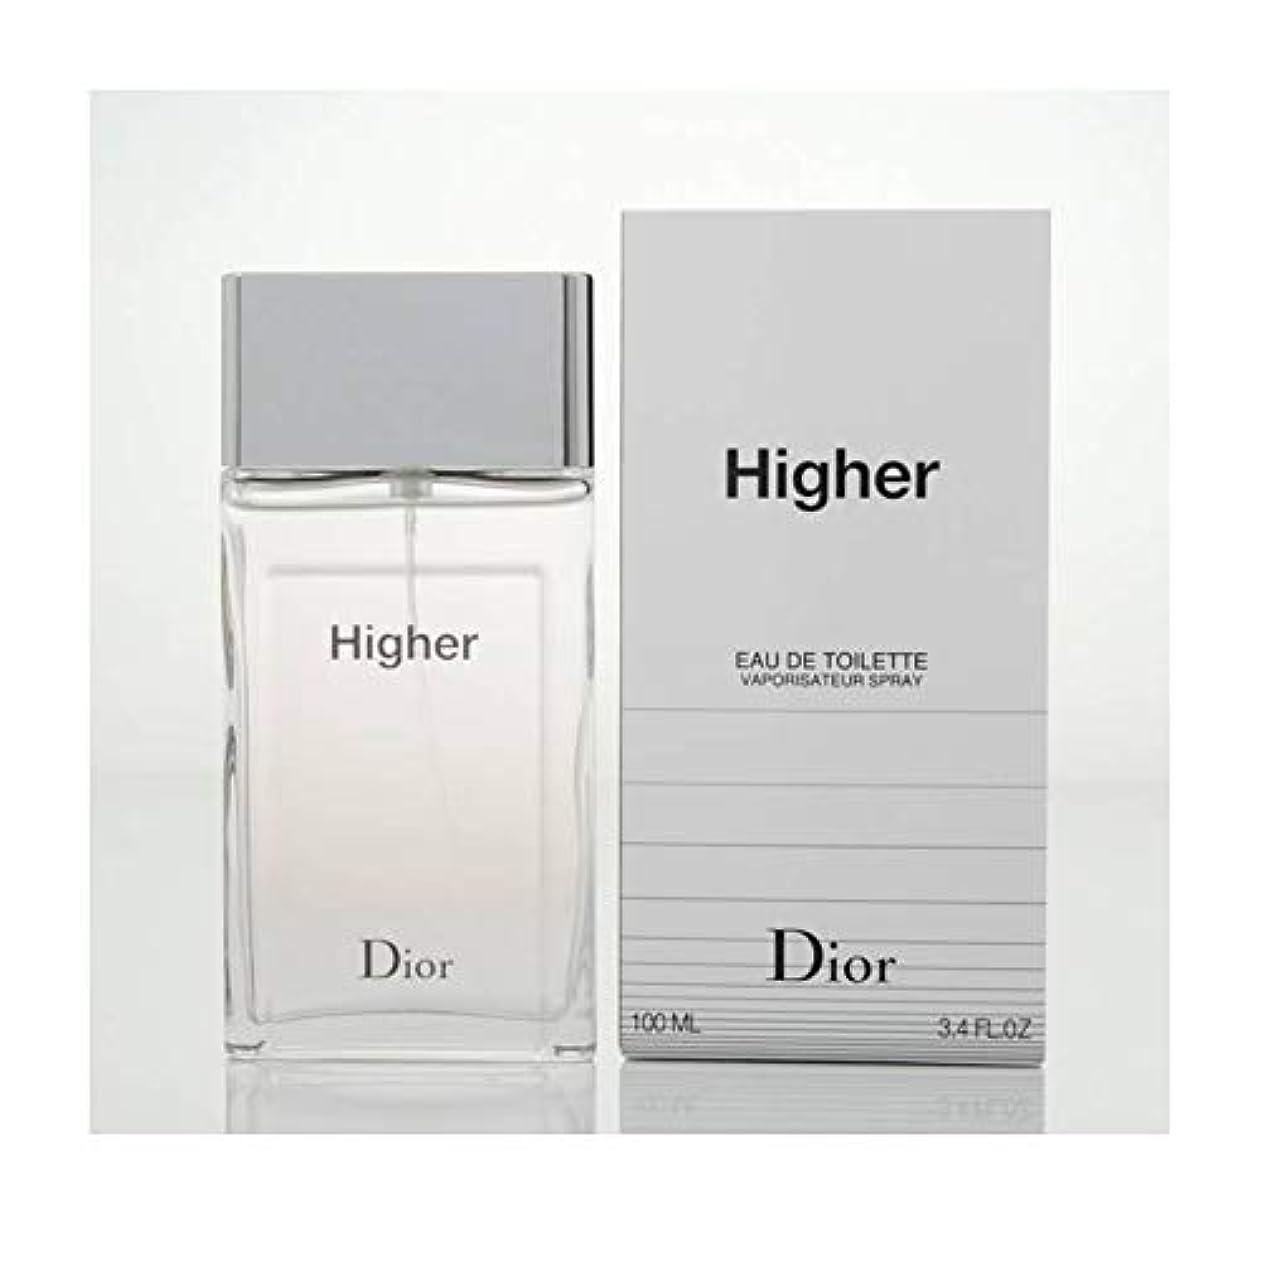 重々しい火薬一過性Dior ハイヤー EDT 100ml [並行輸入品]